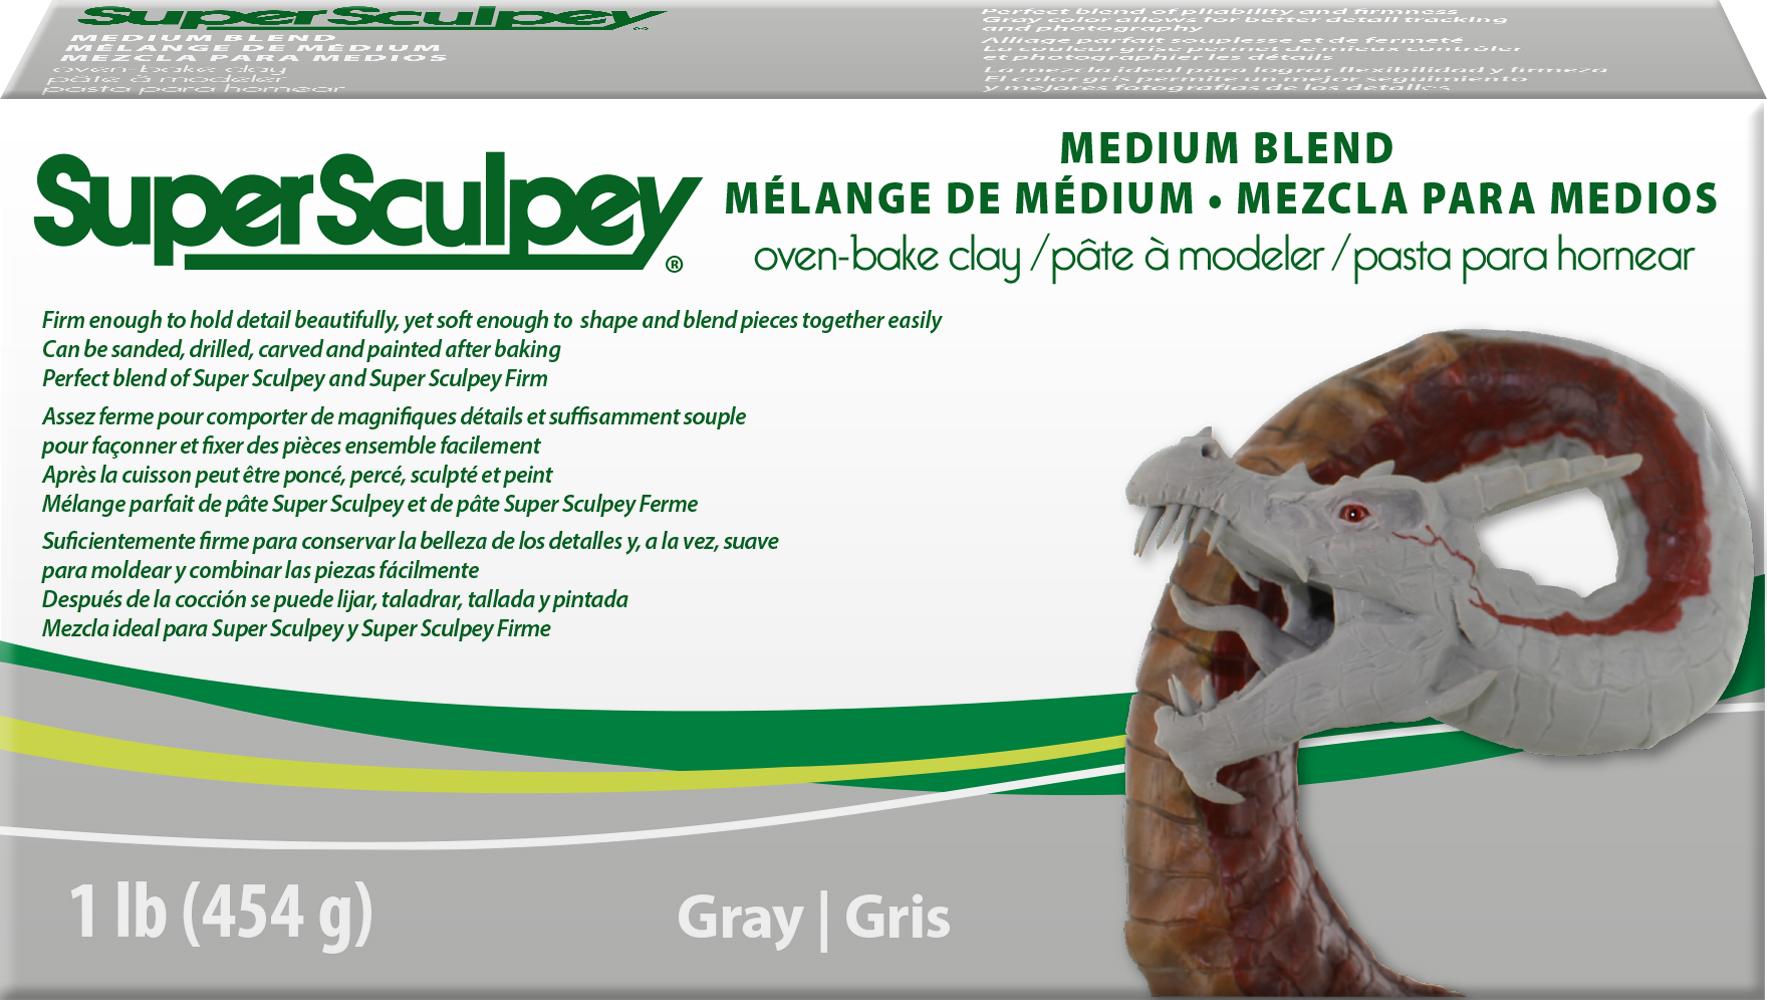 SuperSculpey Medium Blend